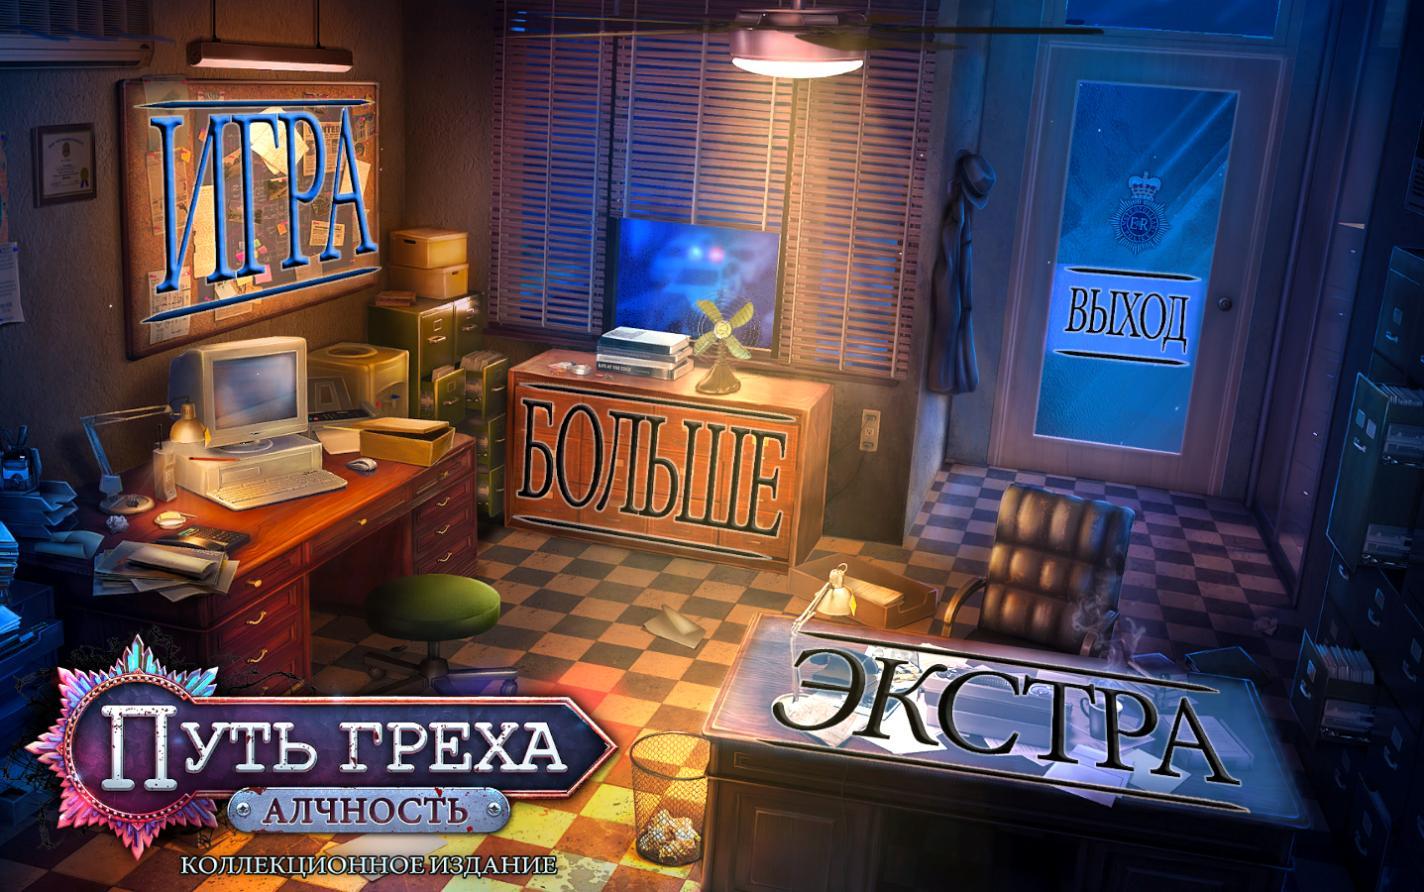 Путь греха: Алчность. Коллекционное издание | Path of Sin: Greed CE (Rus)